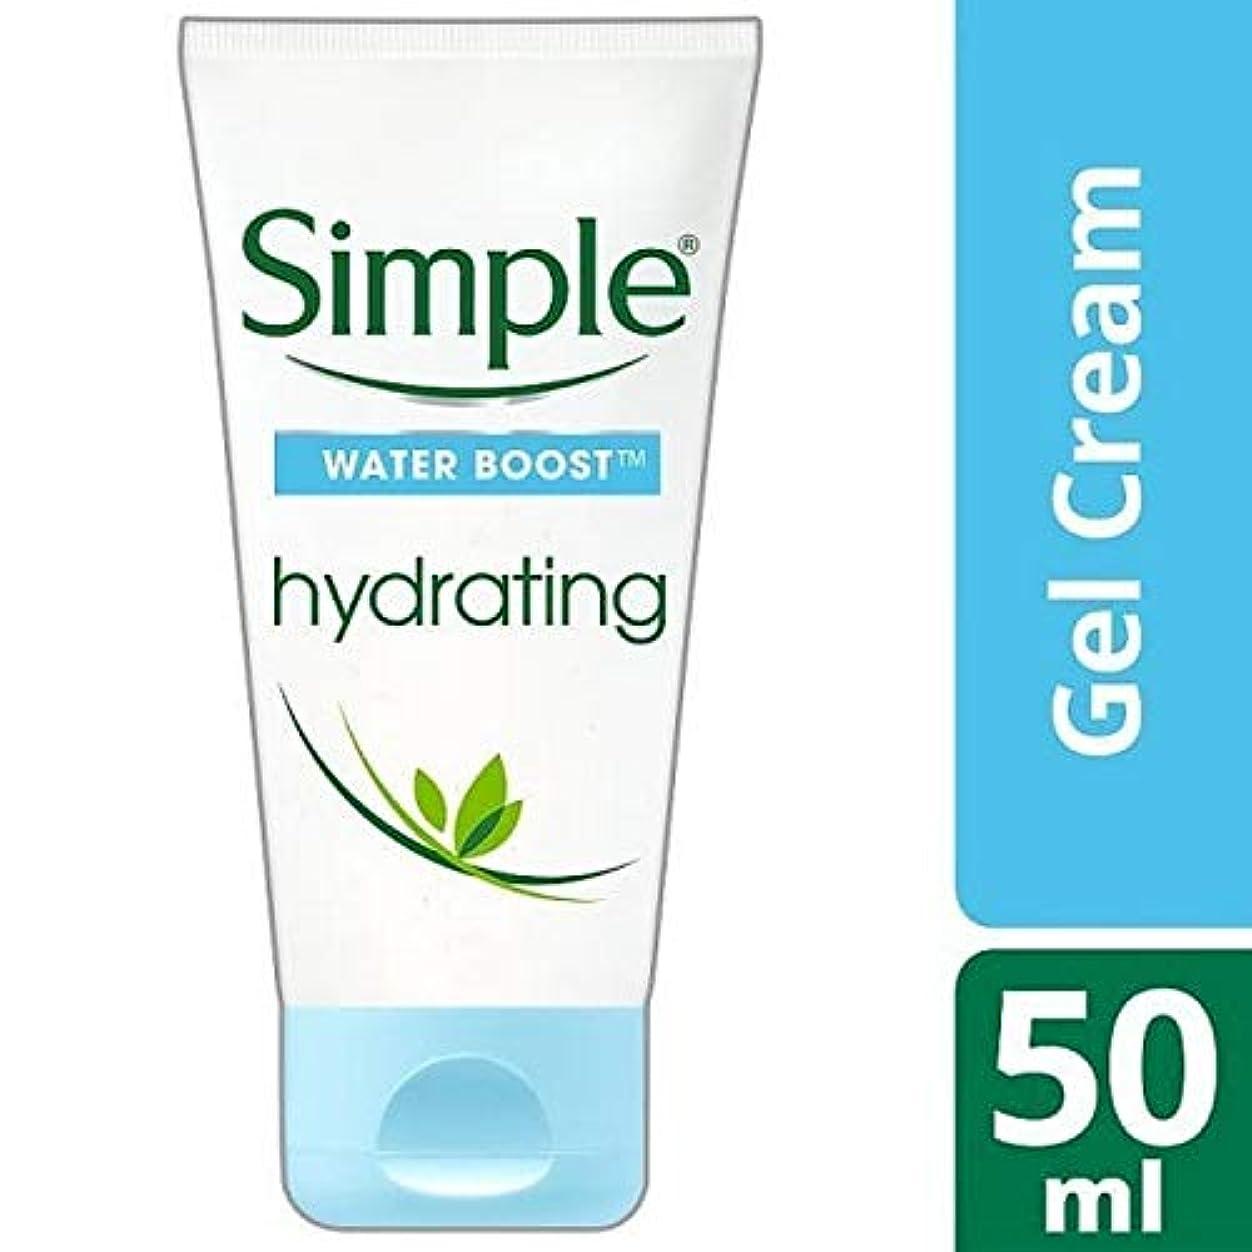 包括的実用的アルミニウム[Simple ] シンプルな水ブースト水和ゲルフェイスクリーム50Ml - Simple Water Boost Hydrating Gel Face Cream 50ml [並行輸入品]